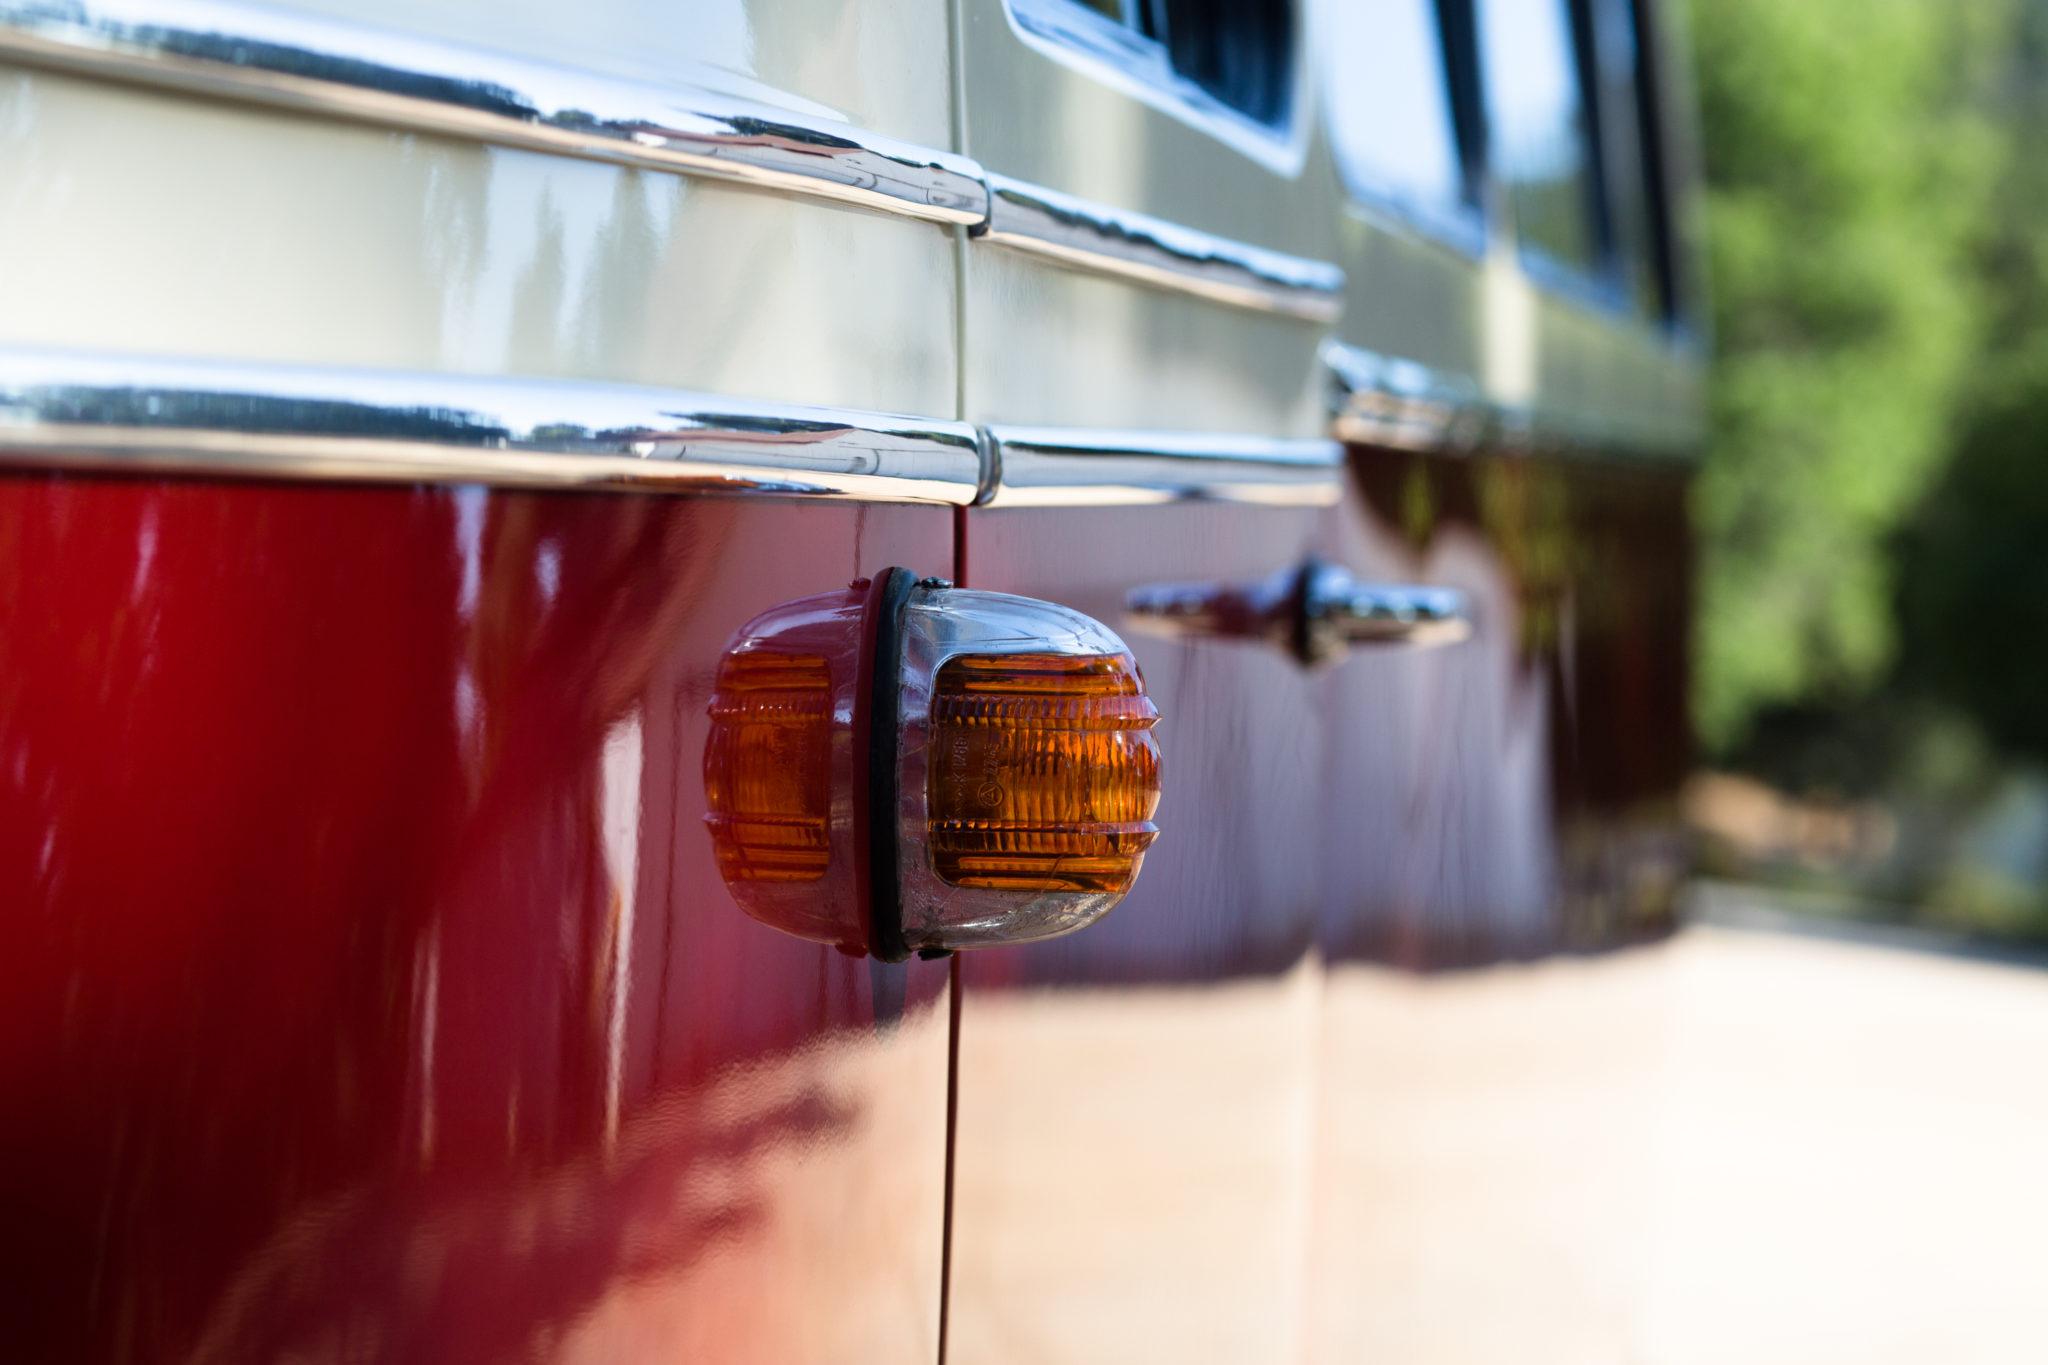 1961 Mercedes-Benz O 319 Signal Light